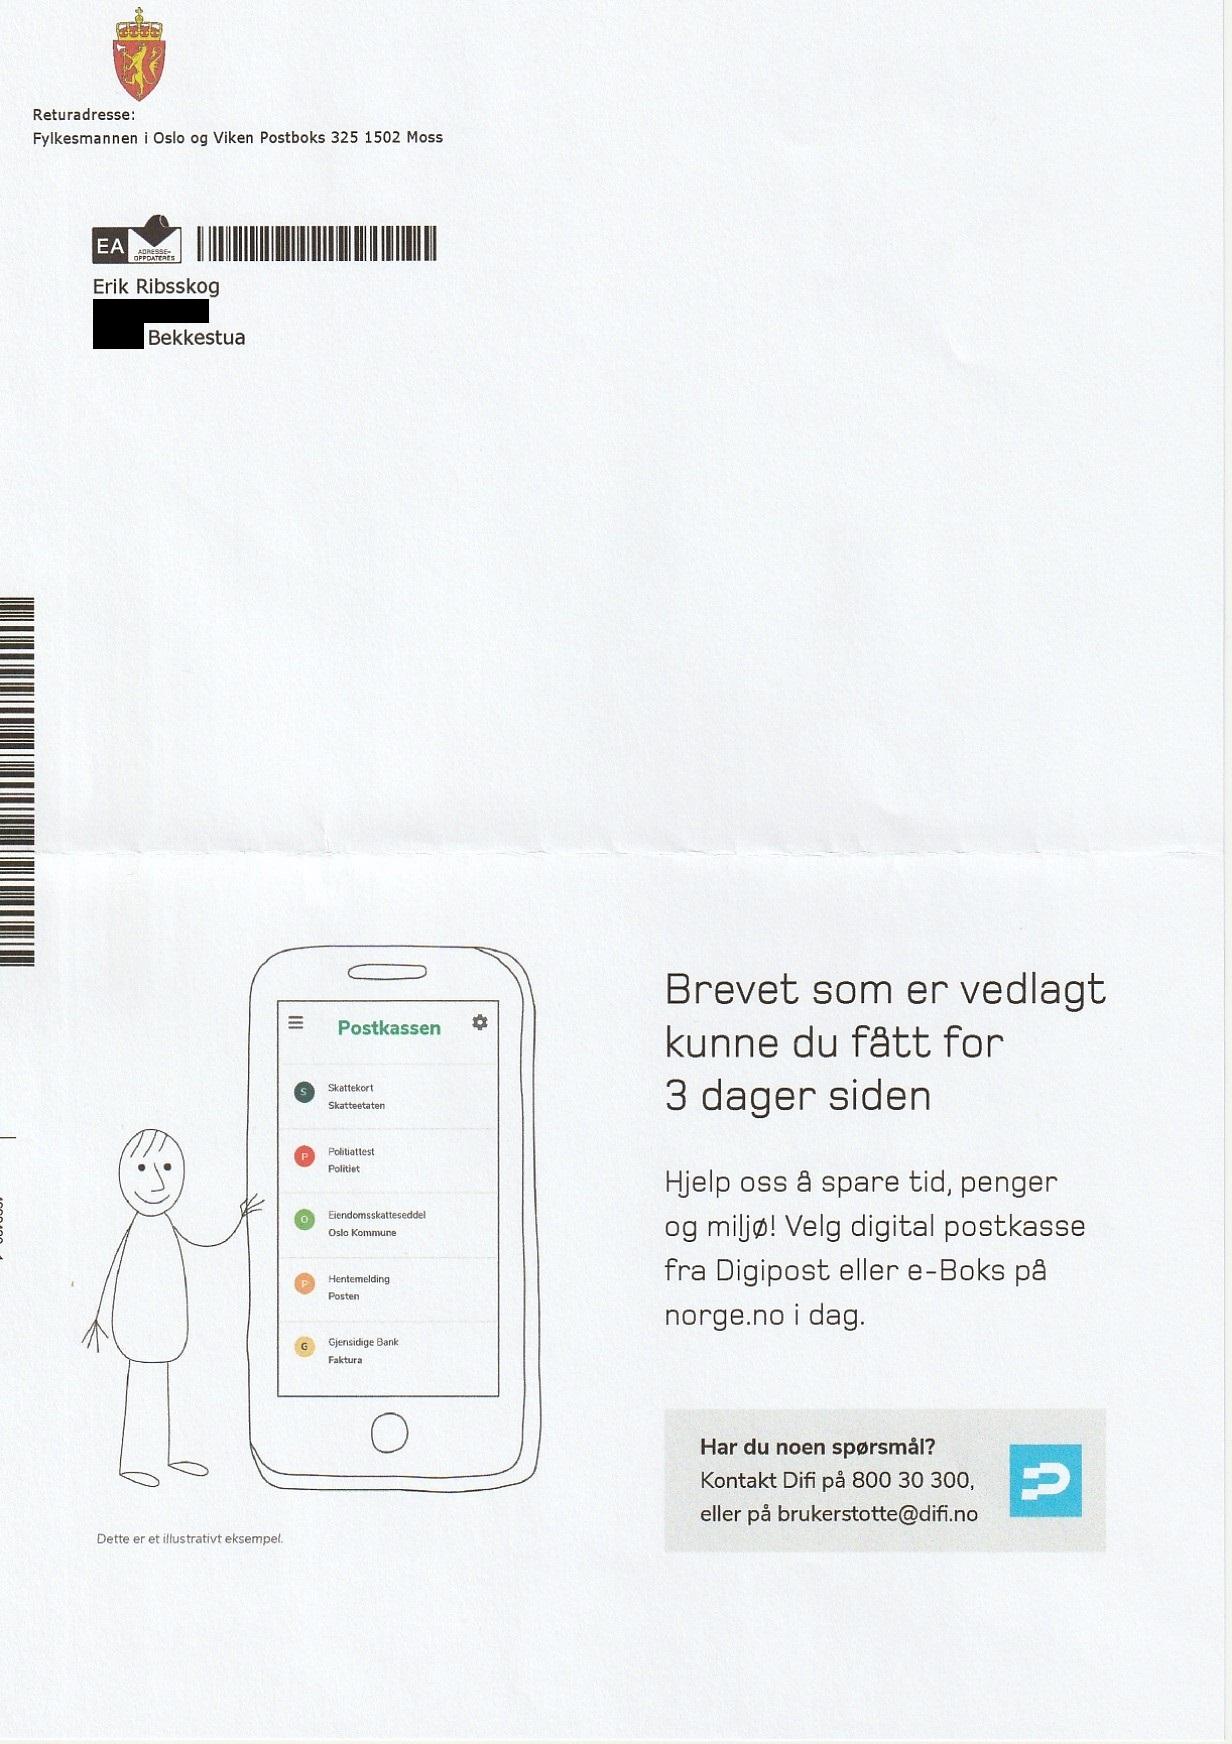 7ff14498 johncons: Jeg sendte en e-post til Fylkesmannen i Oslo og Viken